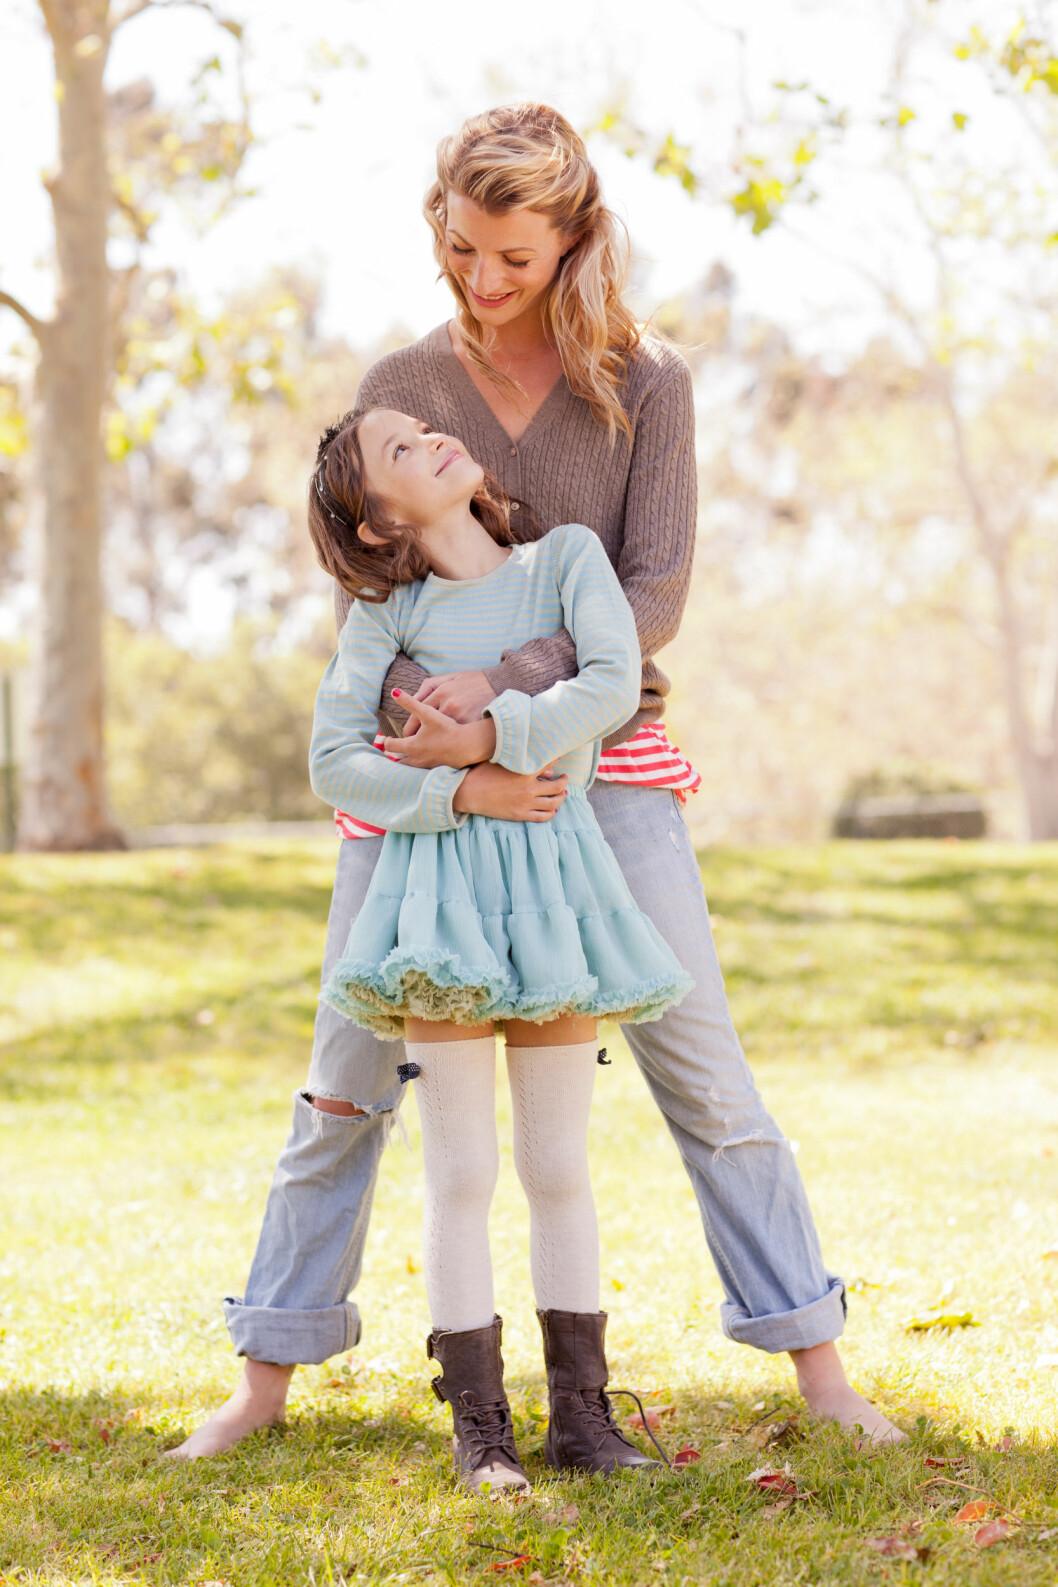 GENERASJONER: Noen sykdommer kan gå i arv og ramme flere i familien. Foto: Scanpix/NTB